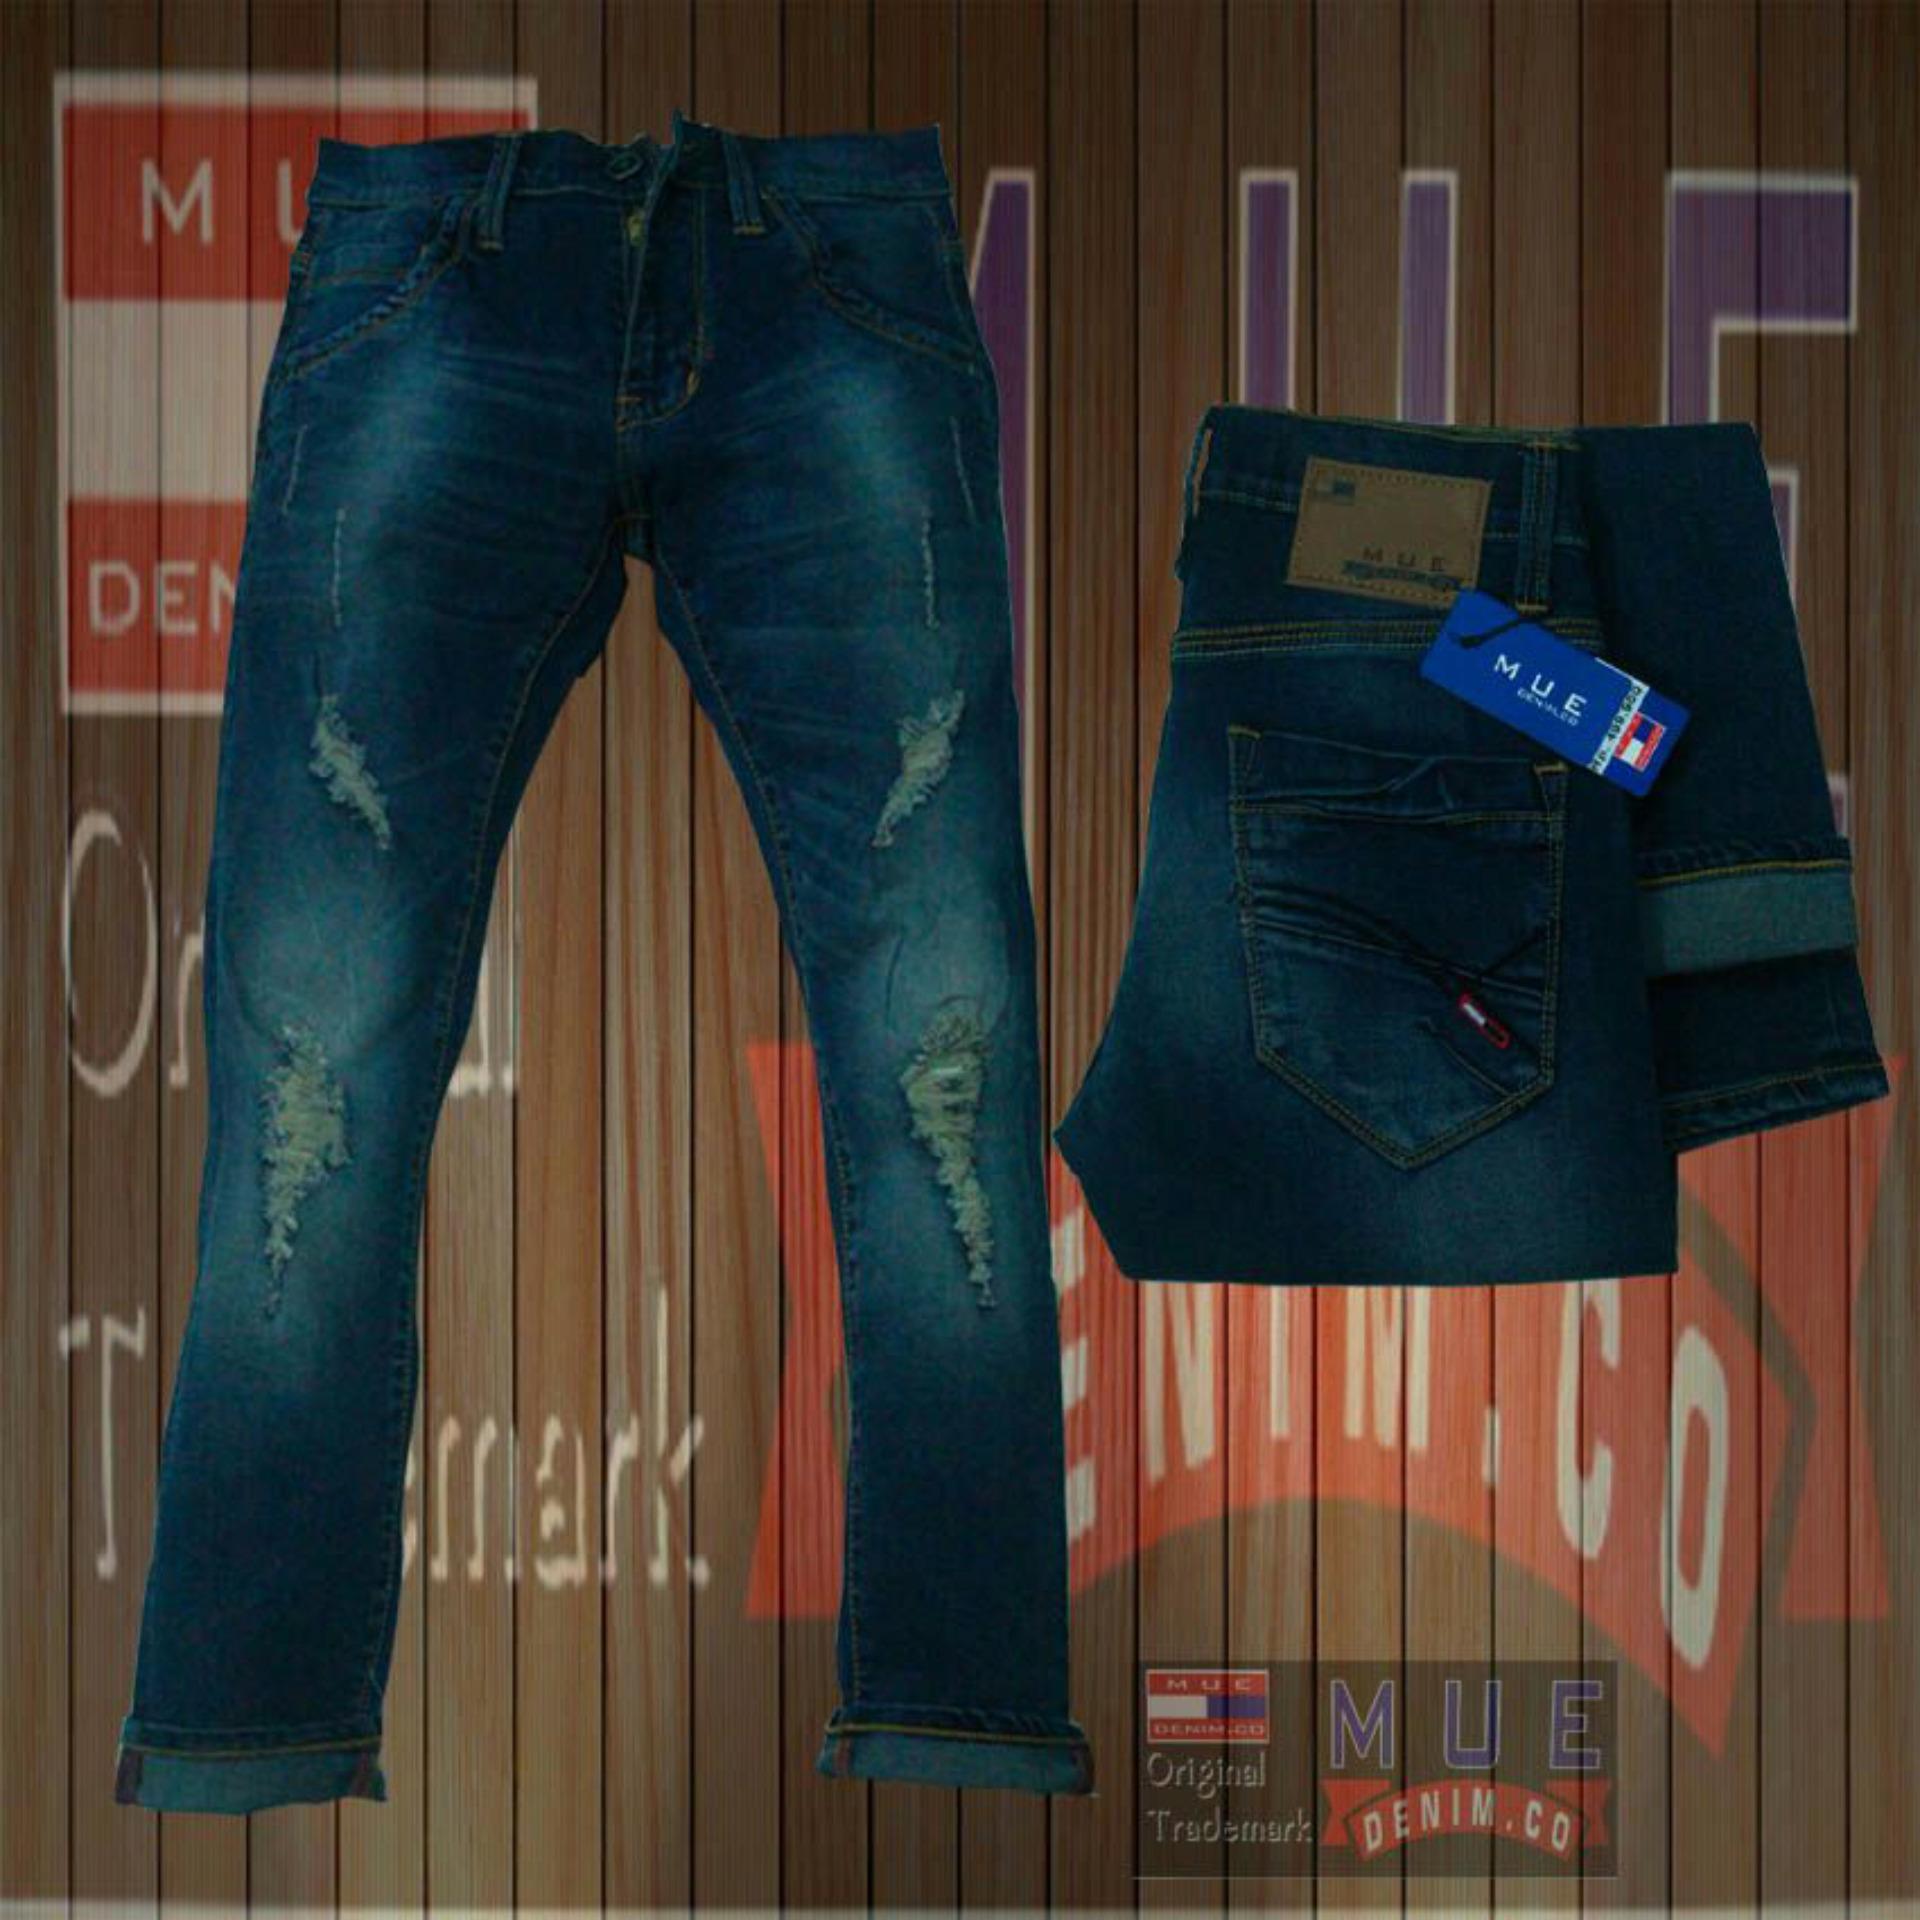 Jual Mue Denim Co Celana Panjang Pria Model Sobek Bahan Soft Jeans Streets Pants Terbaru Ori